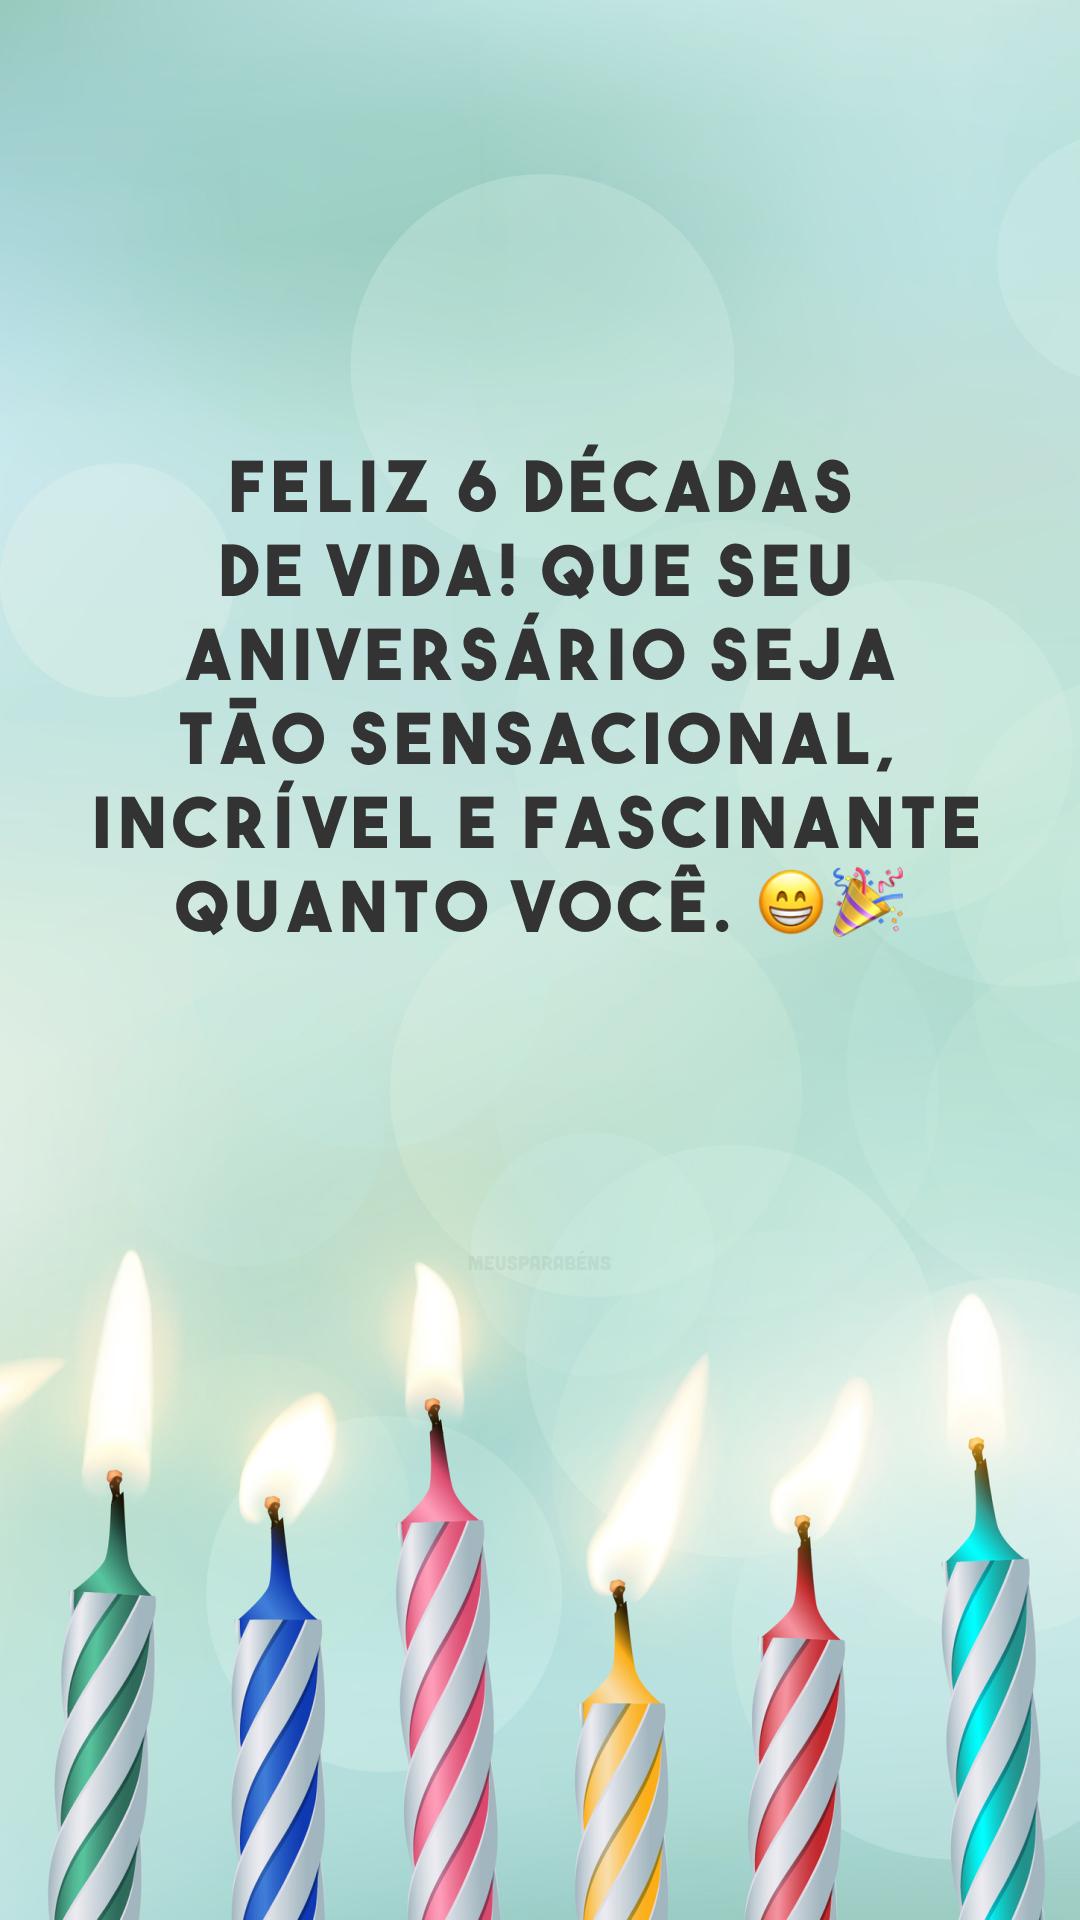 Feliz 6 décadas de vida! Que seu aniversário seja tão sensacional, incrível e fascinante quanto você. 😁🎉